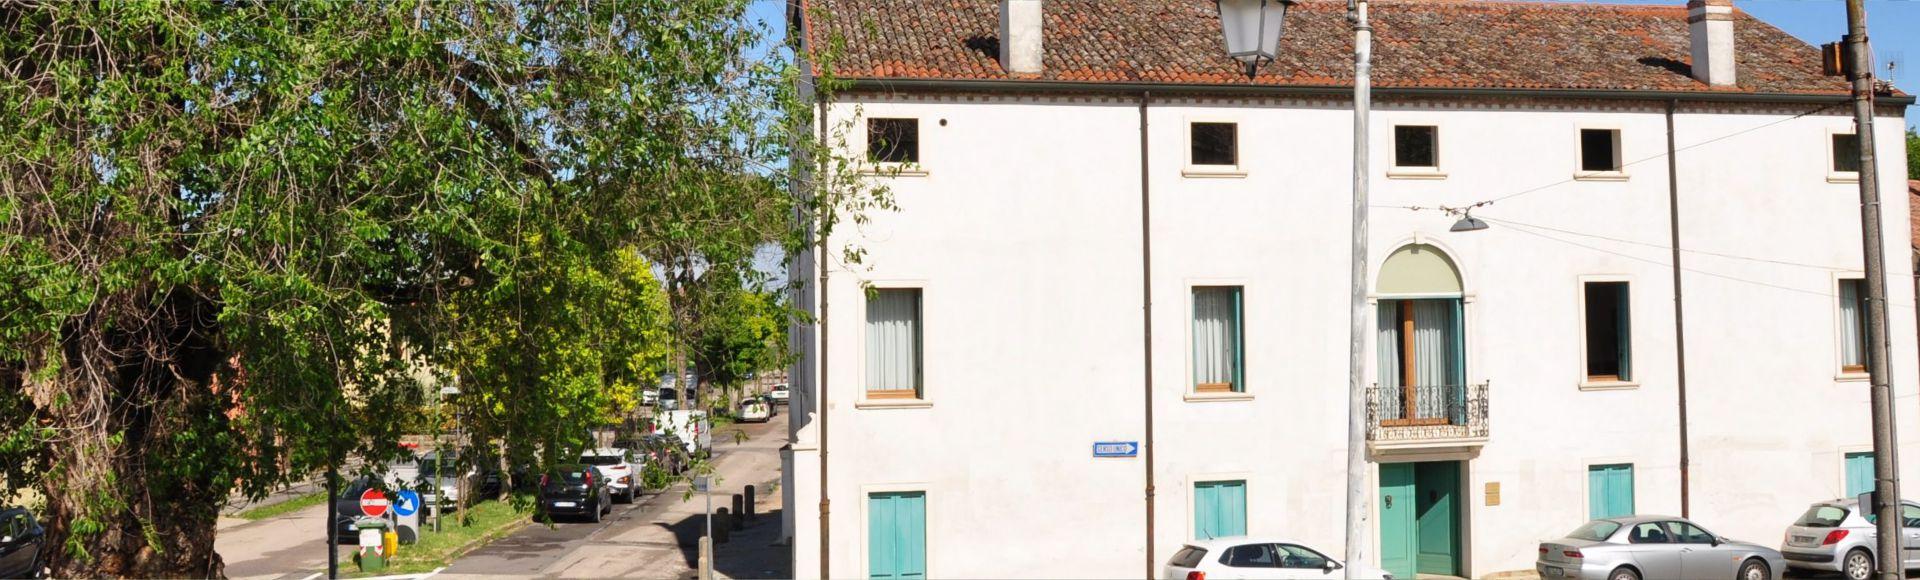 Studio commercialista Padova Grigolo